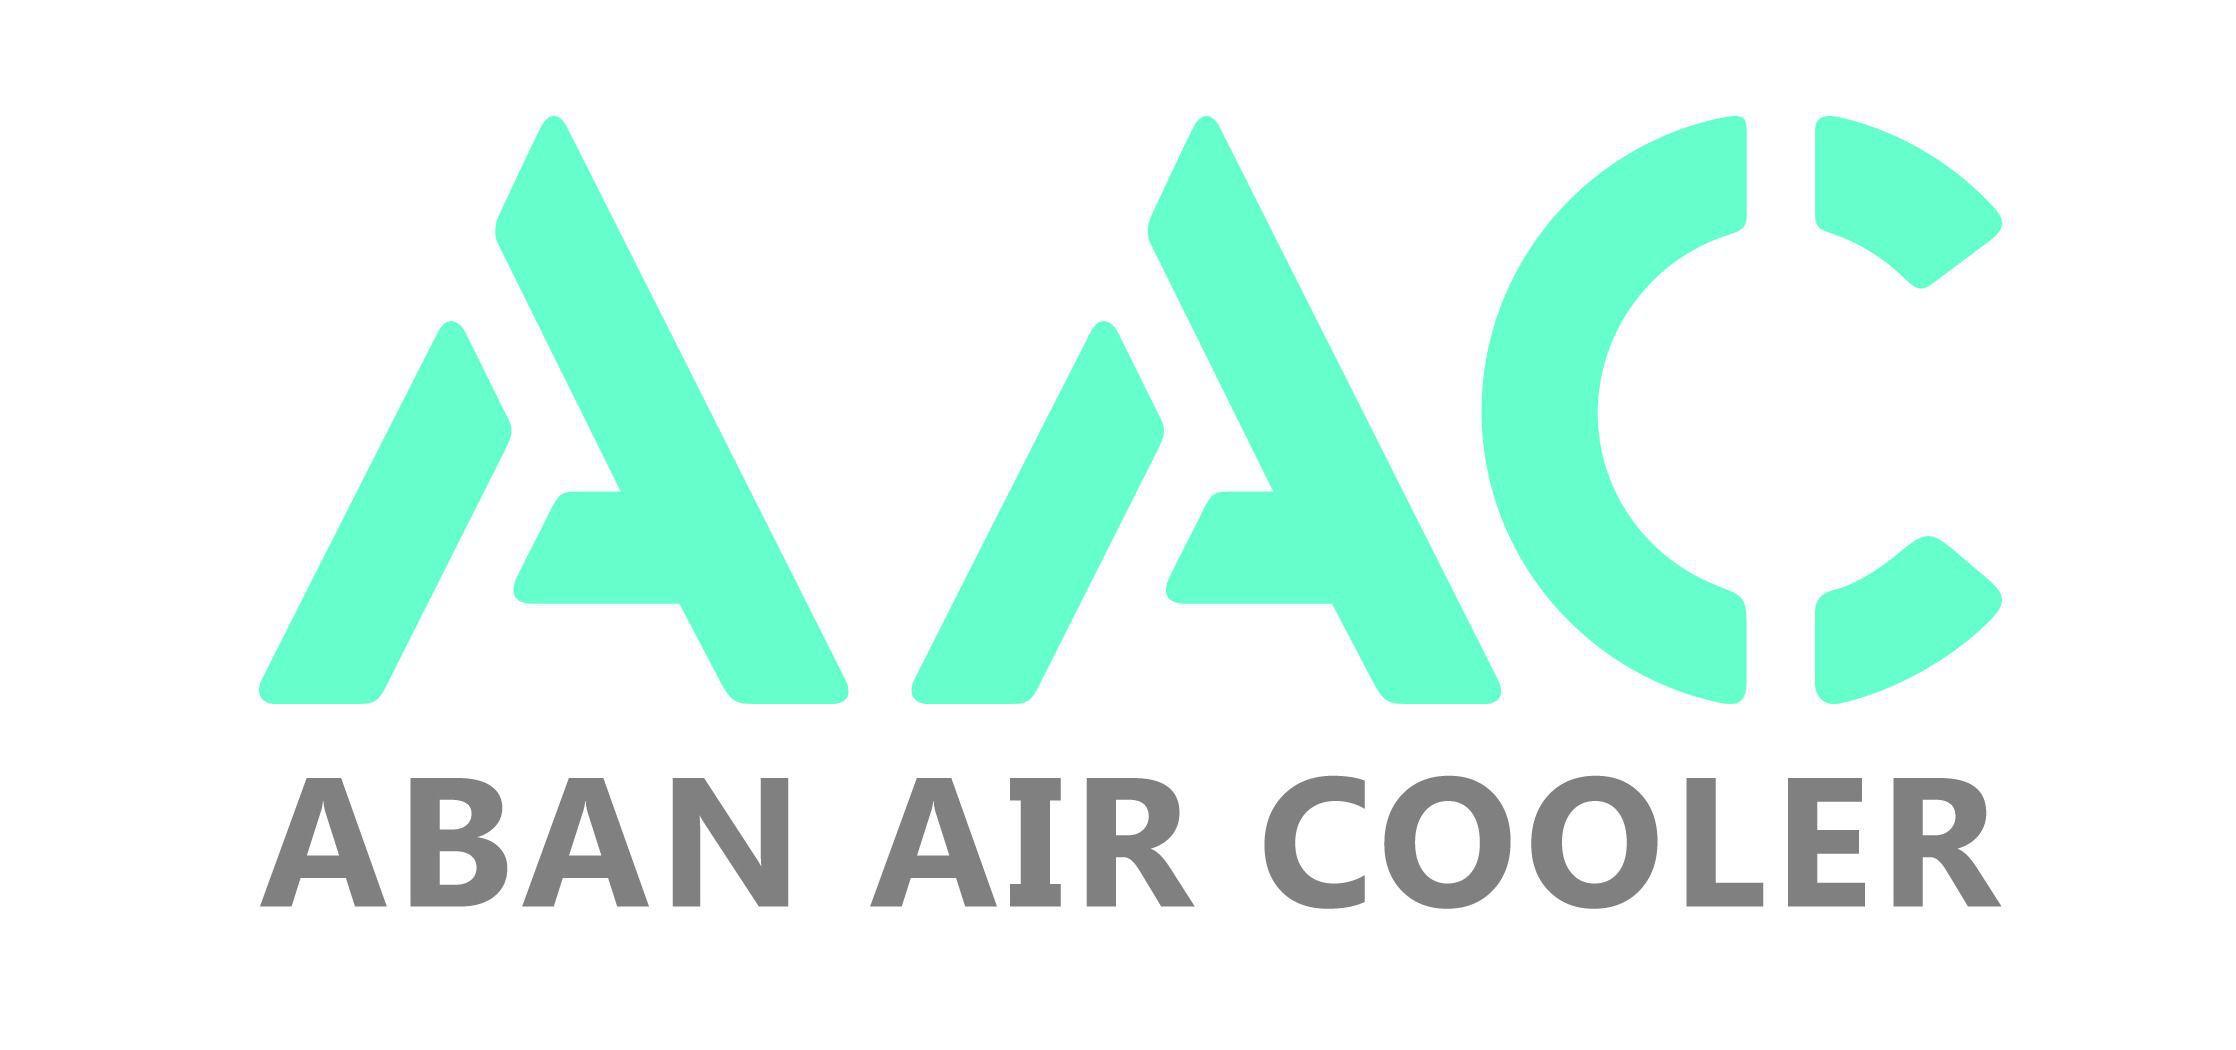 شرکت کولرهای هوایی آبان